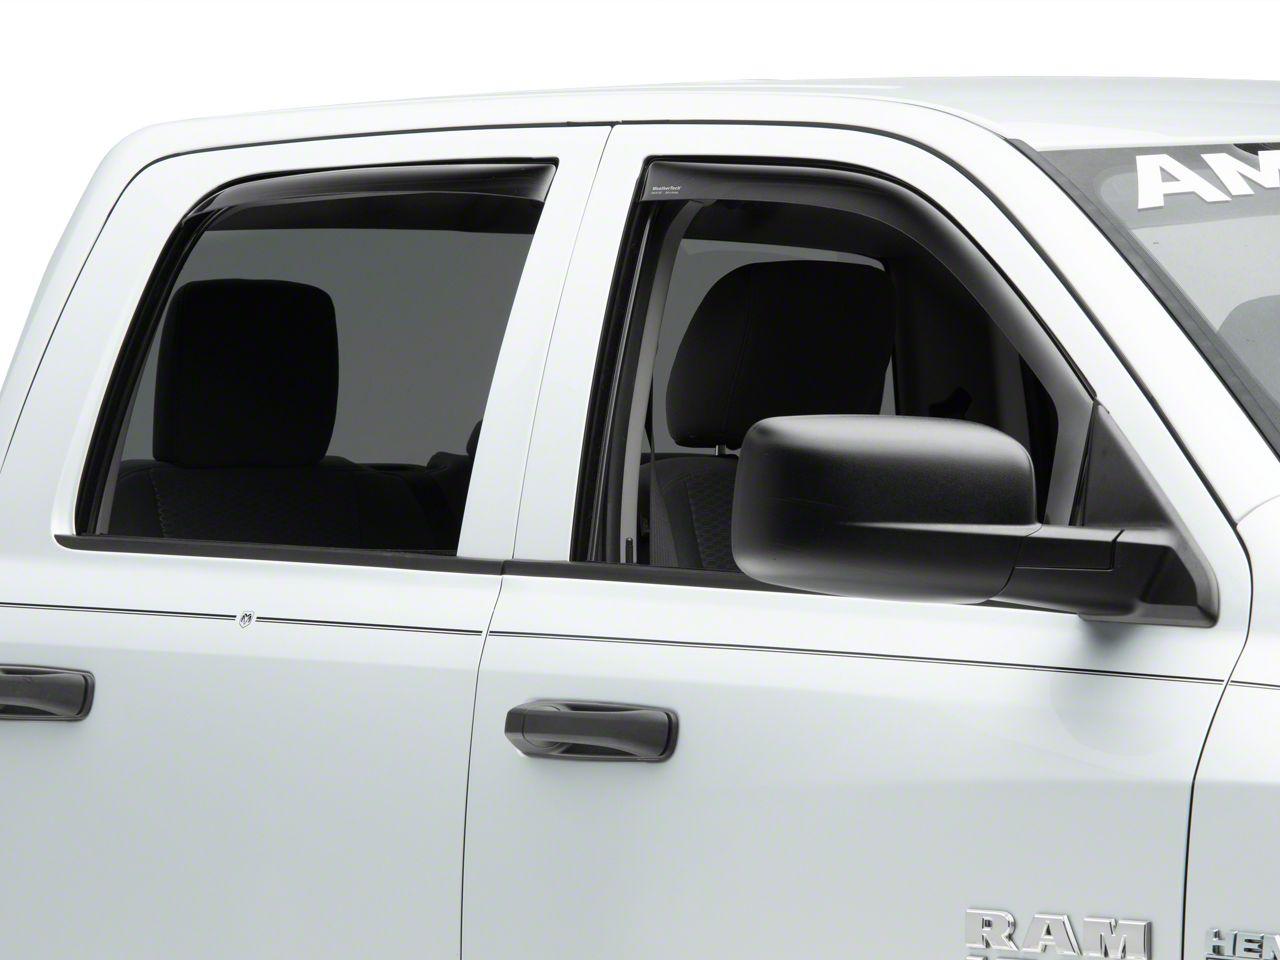 Weathertech Front & Rear Side Window Deflectors - Dark Smoke (09-18 Crew Cab)